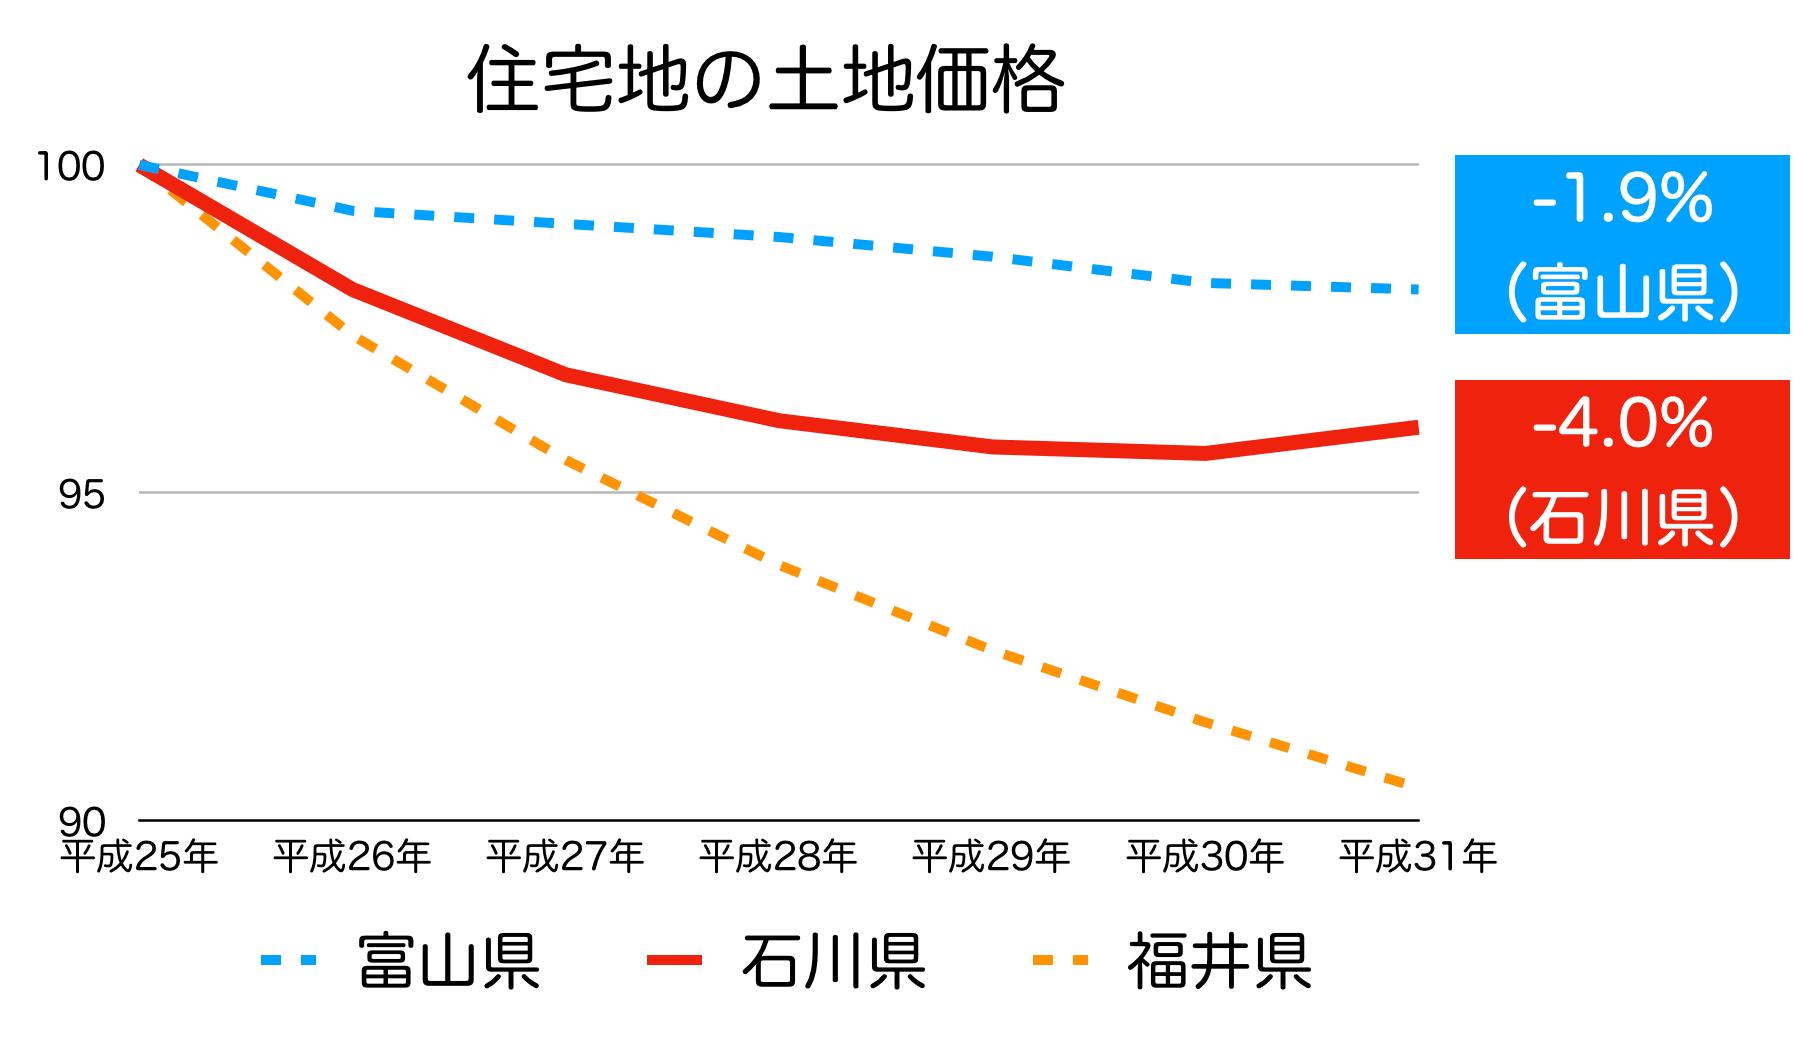 石川県の公示地価 H25-H31